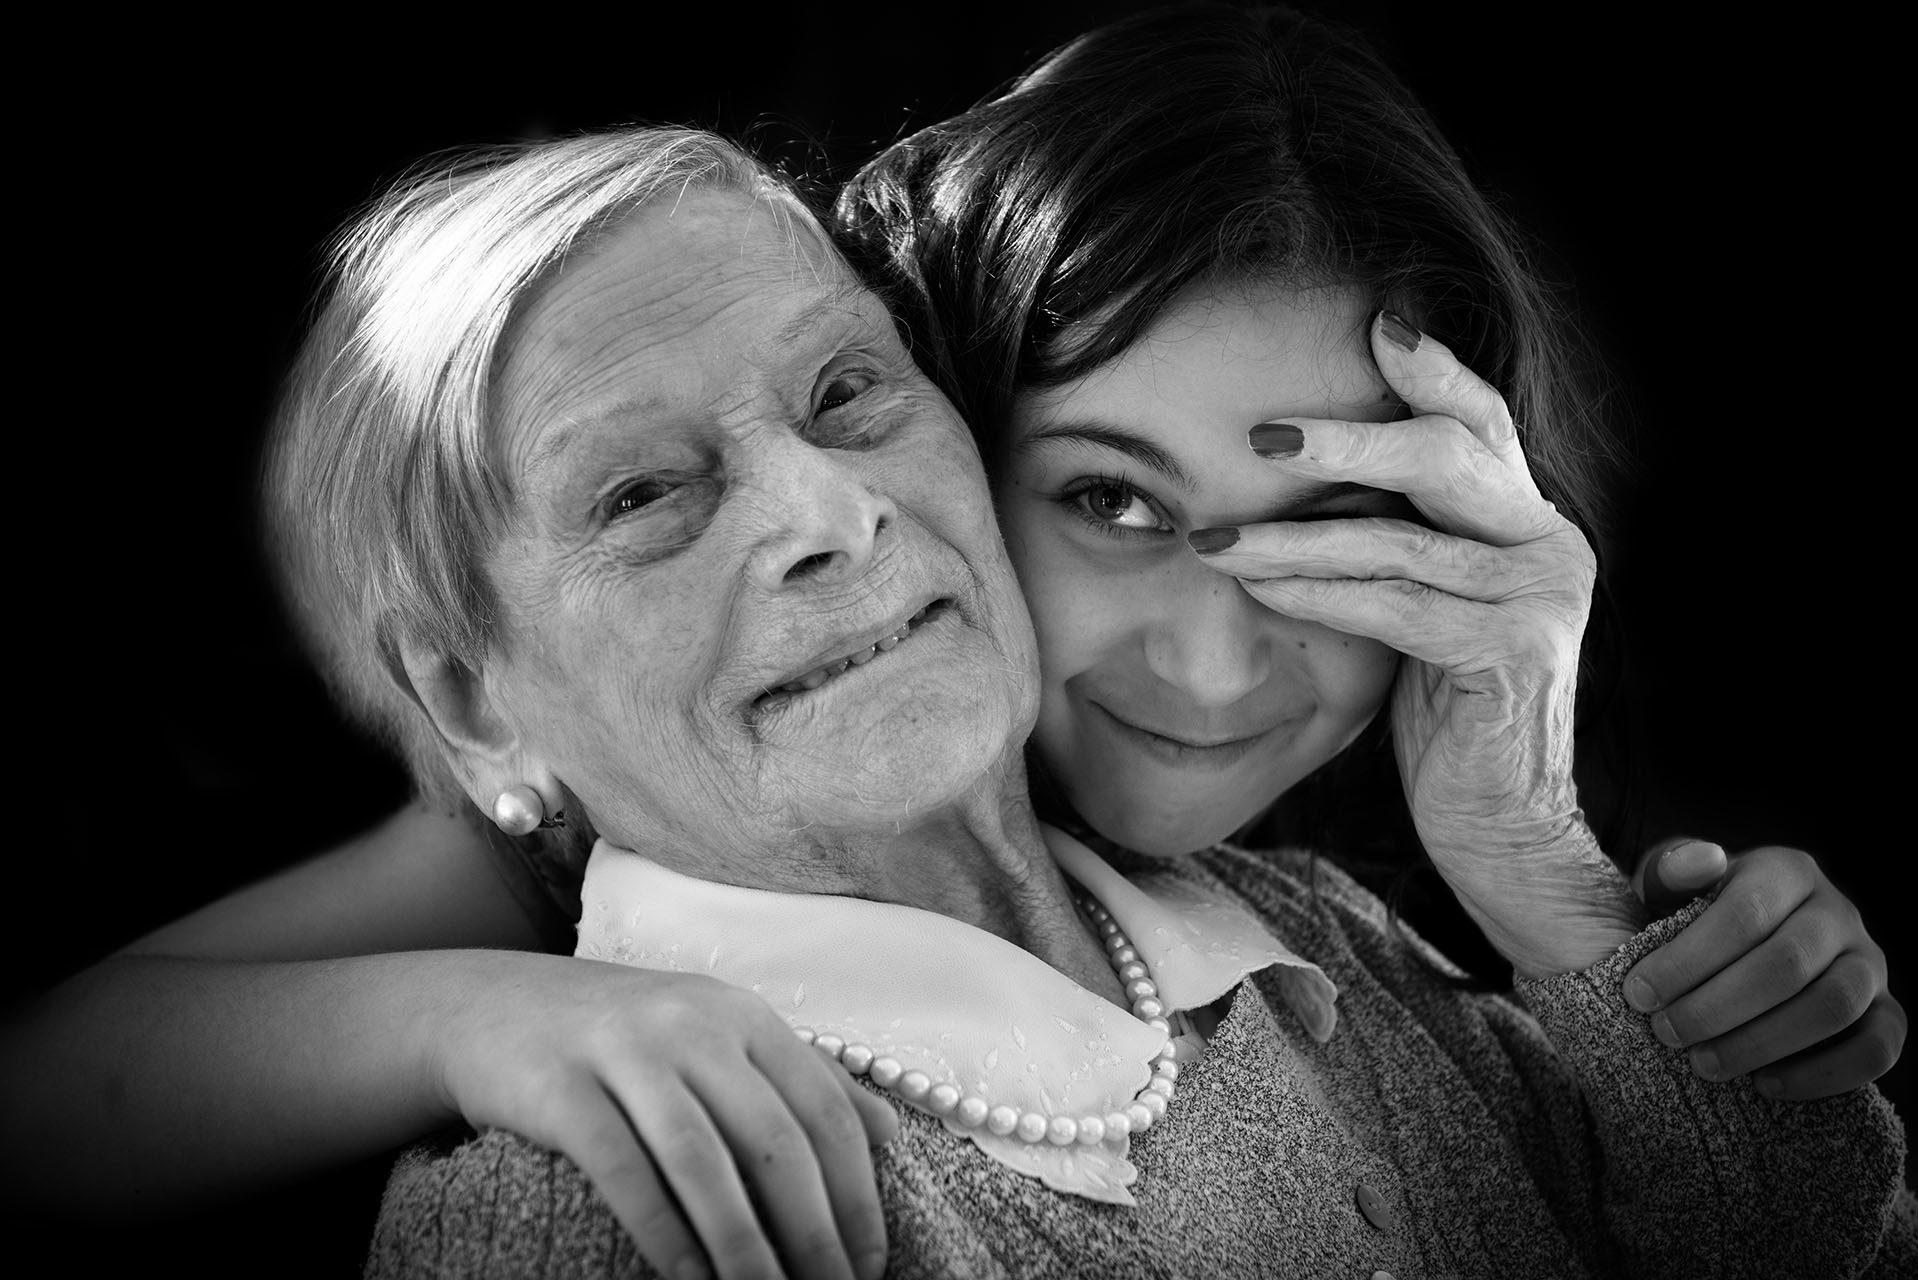 portraits-photographe-ile-de-france-des-centenaires-et-des-rose-marguerite-val-de-marne-maya-angelsen